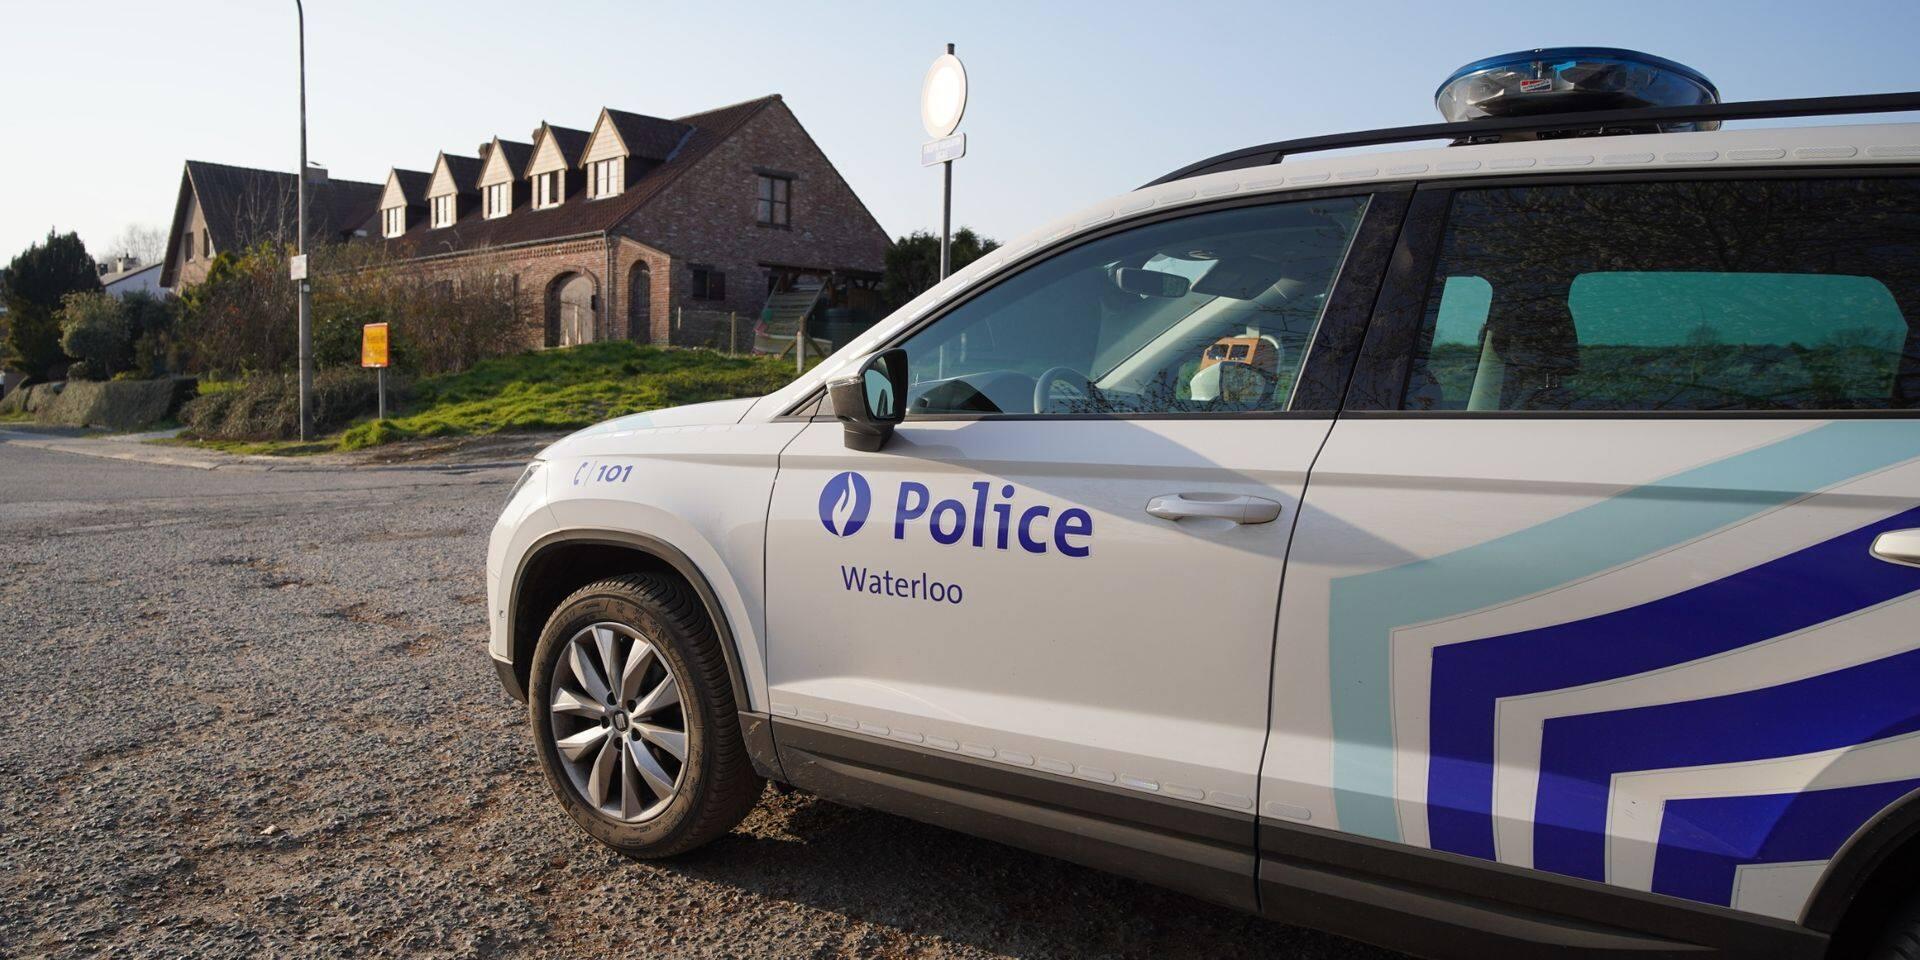 Les policiers interrompent un rassemblement d'une trentaine de fêtards à Waterloo